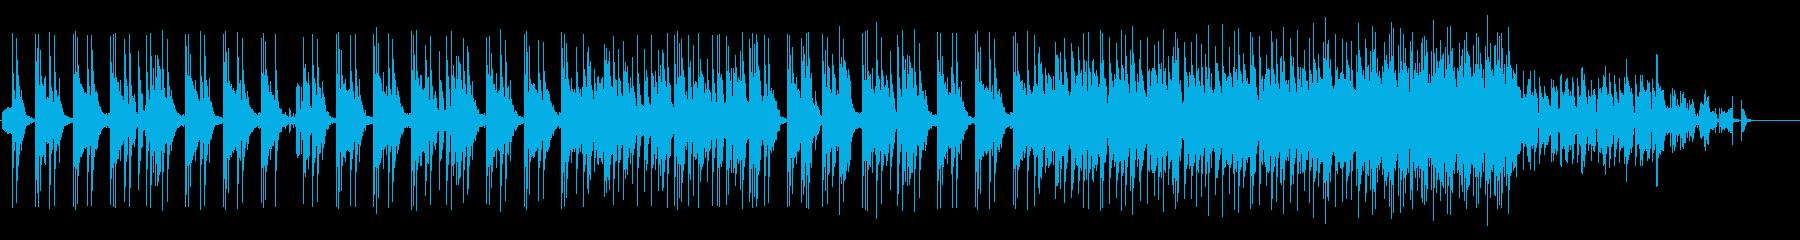 恐怖や怒りを煽る打ち込み音楽の再生済みの波形